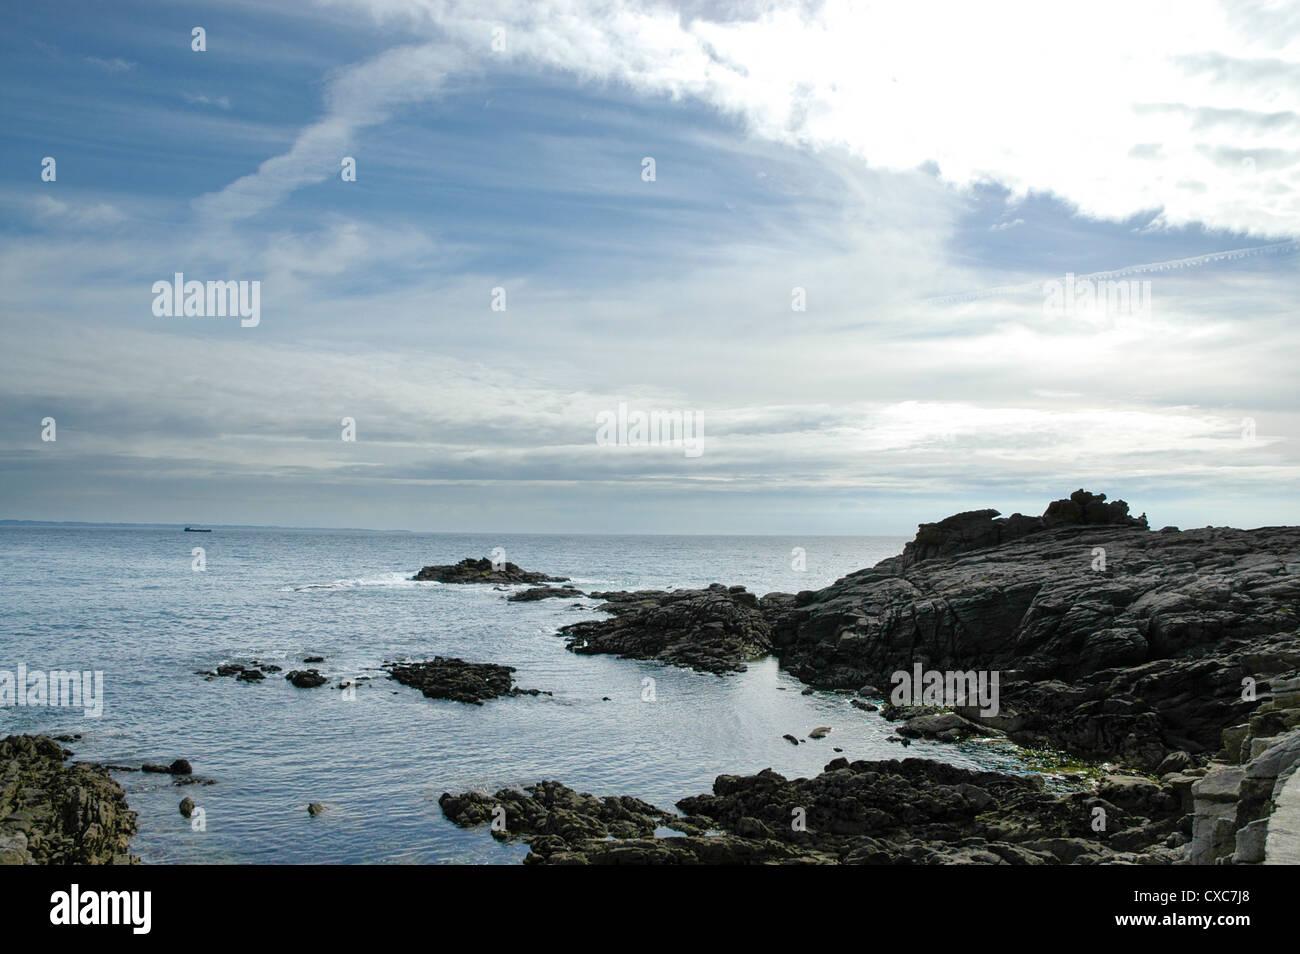 Promontorio roccioso sulla Cote Sauvage Quibron, Bretagna, Francia Immagini Stock